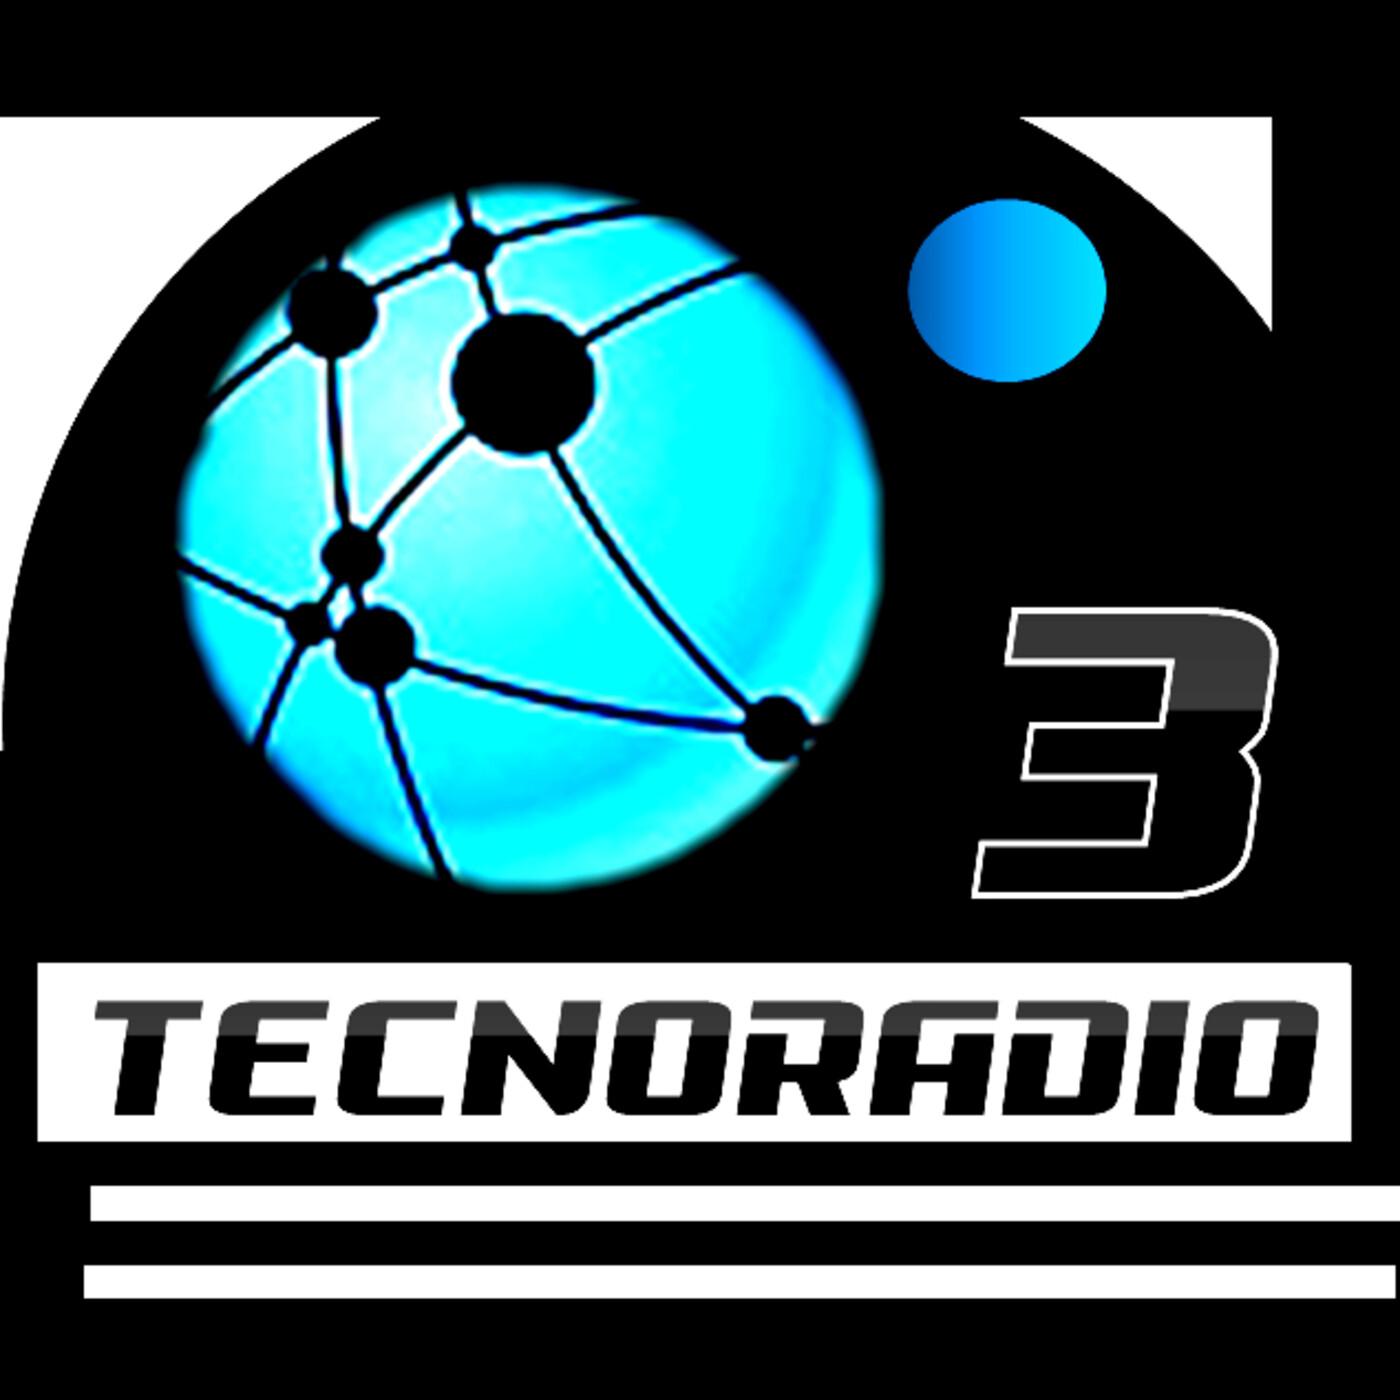 TECNOradio 3 - Semana 4